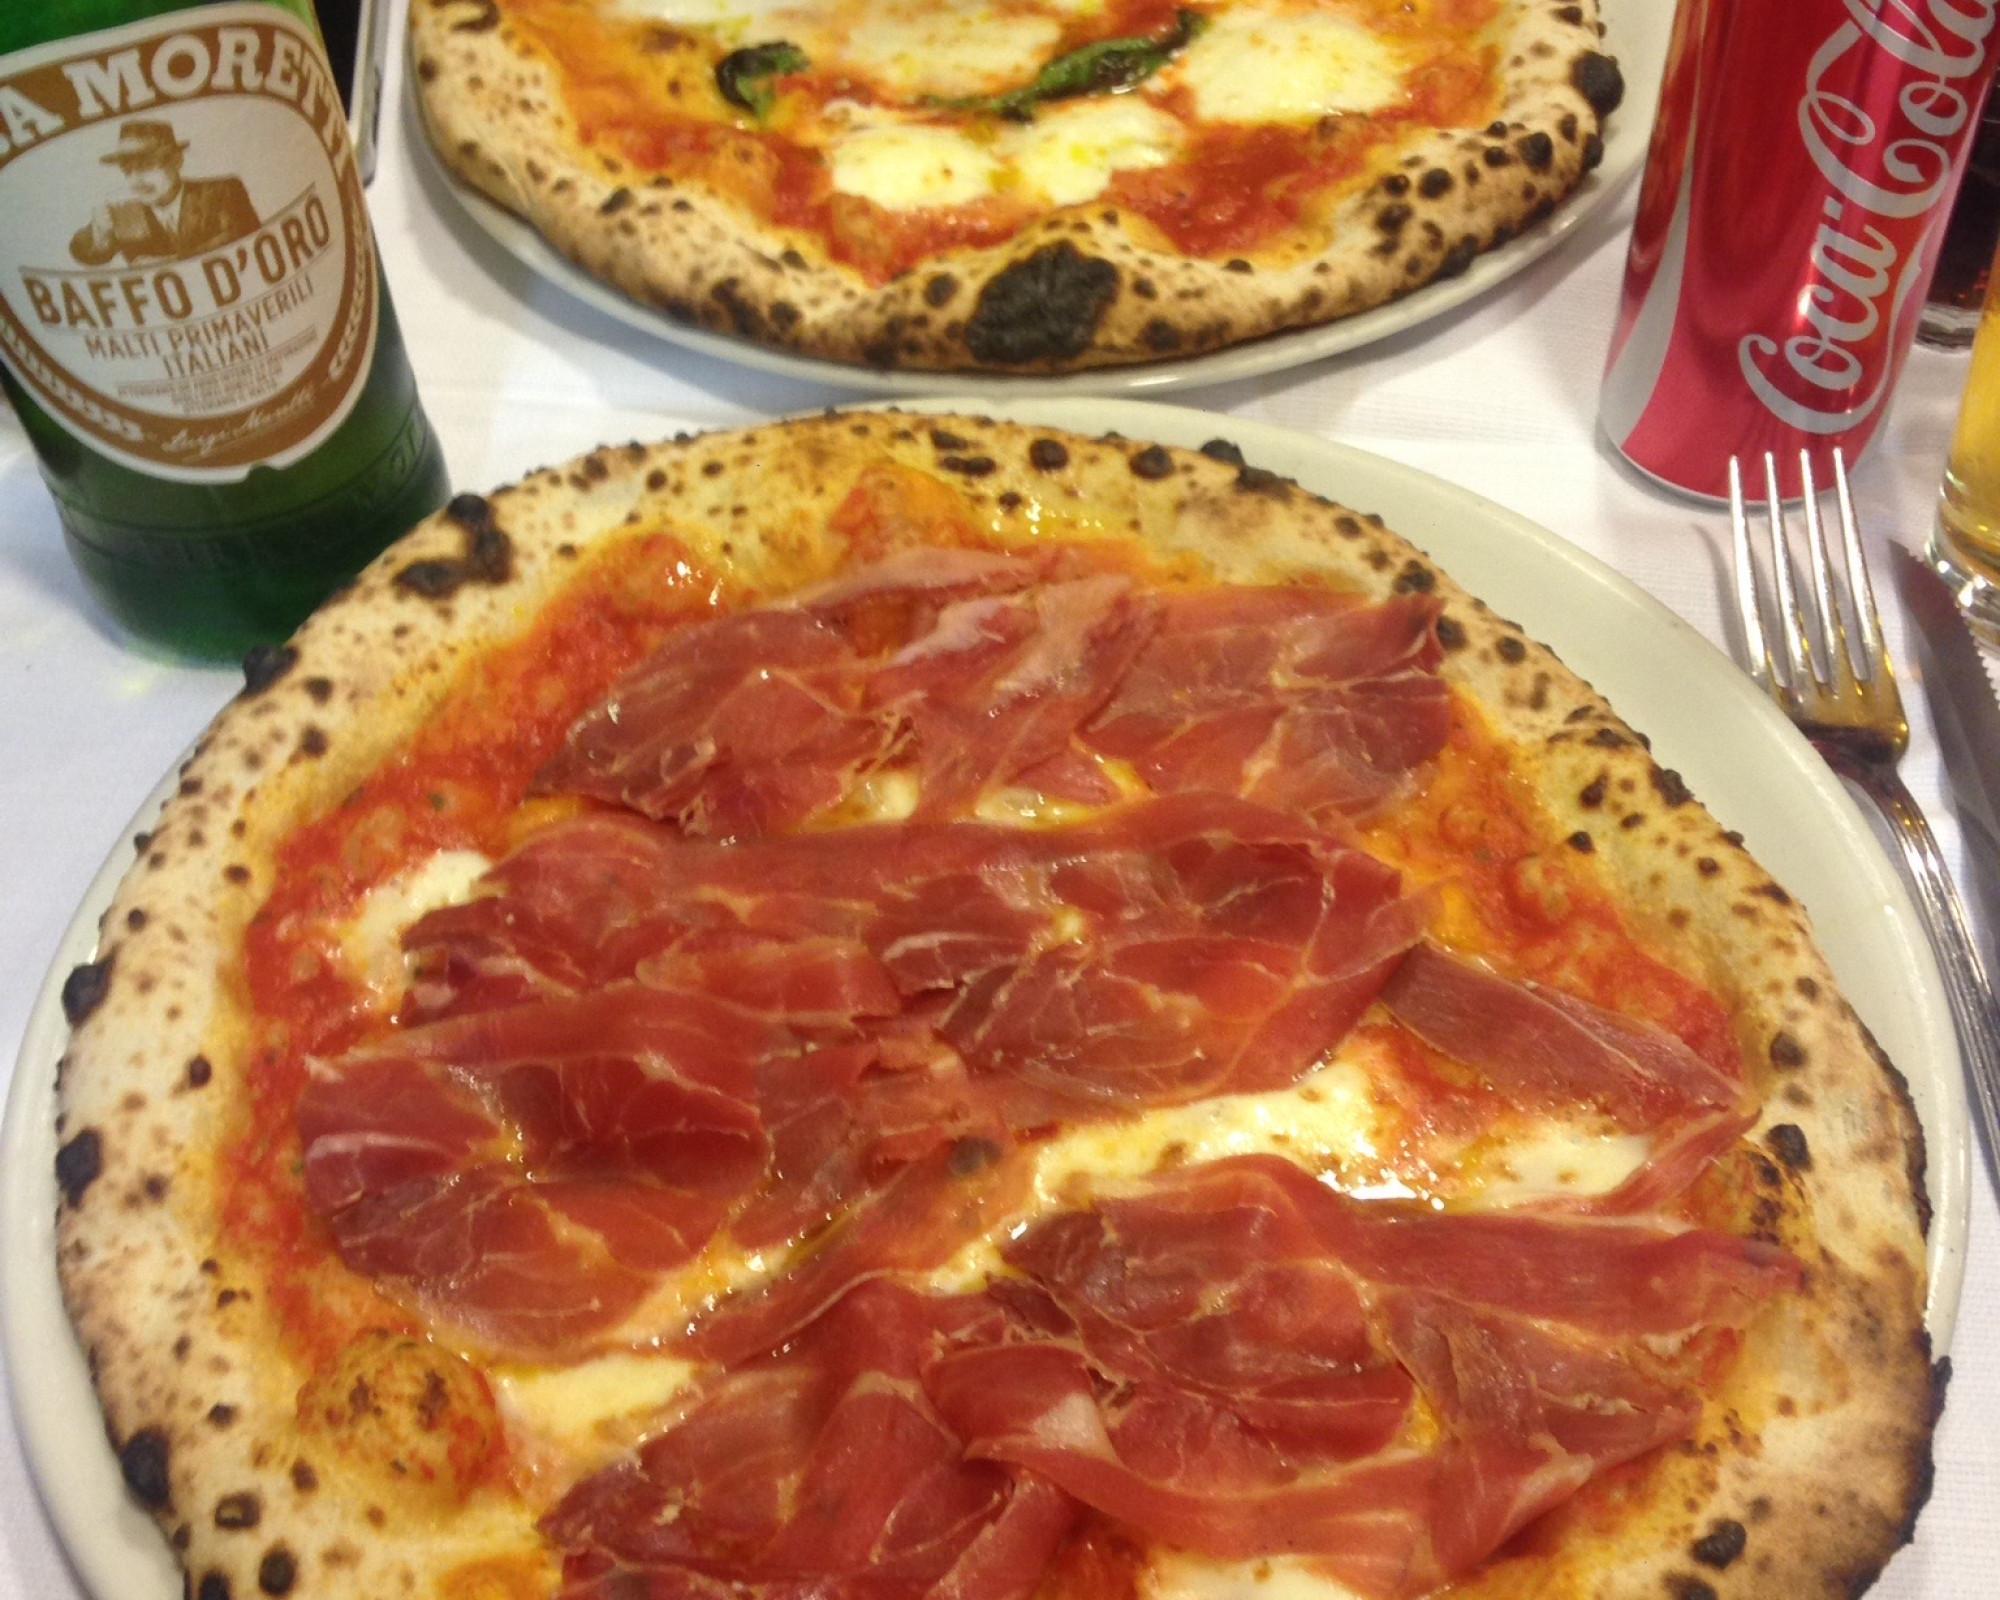 Photo 1: Piccolo Buco - Pizzeria